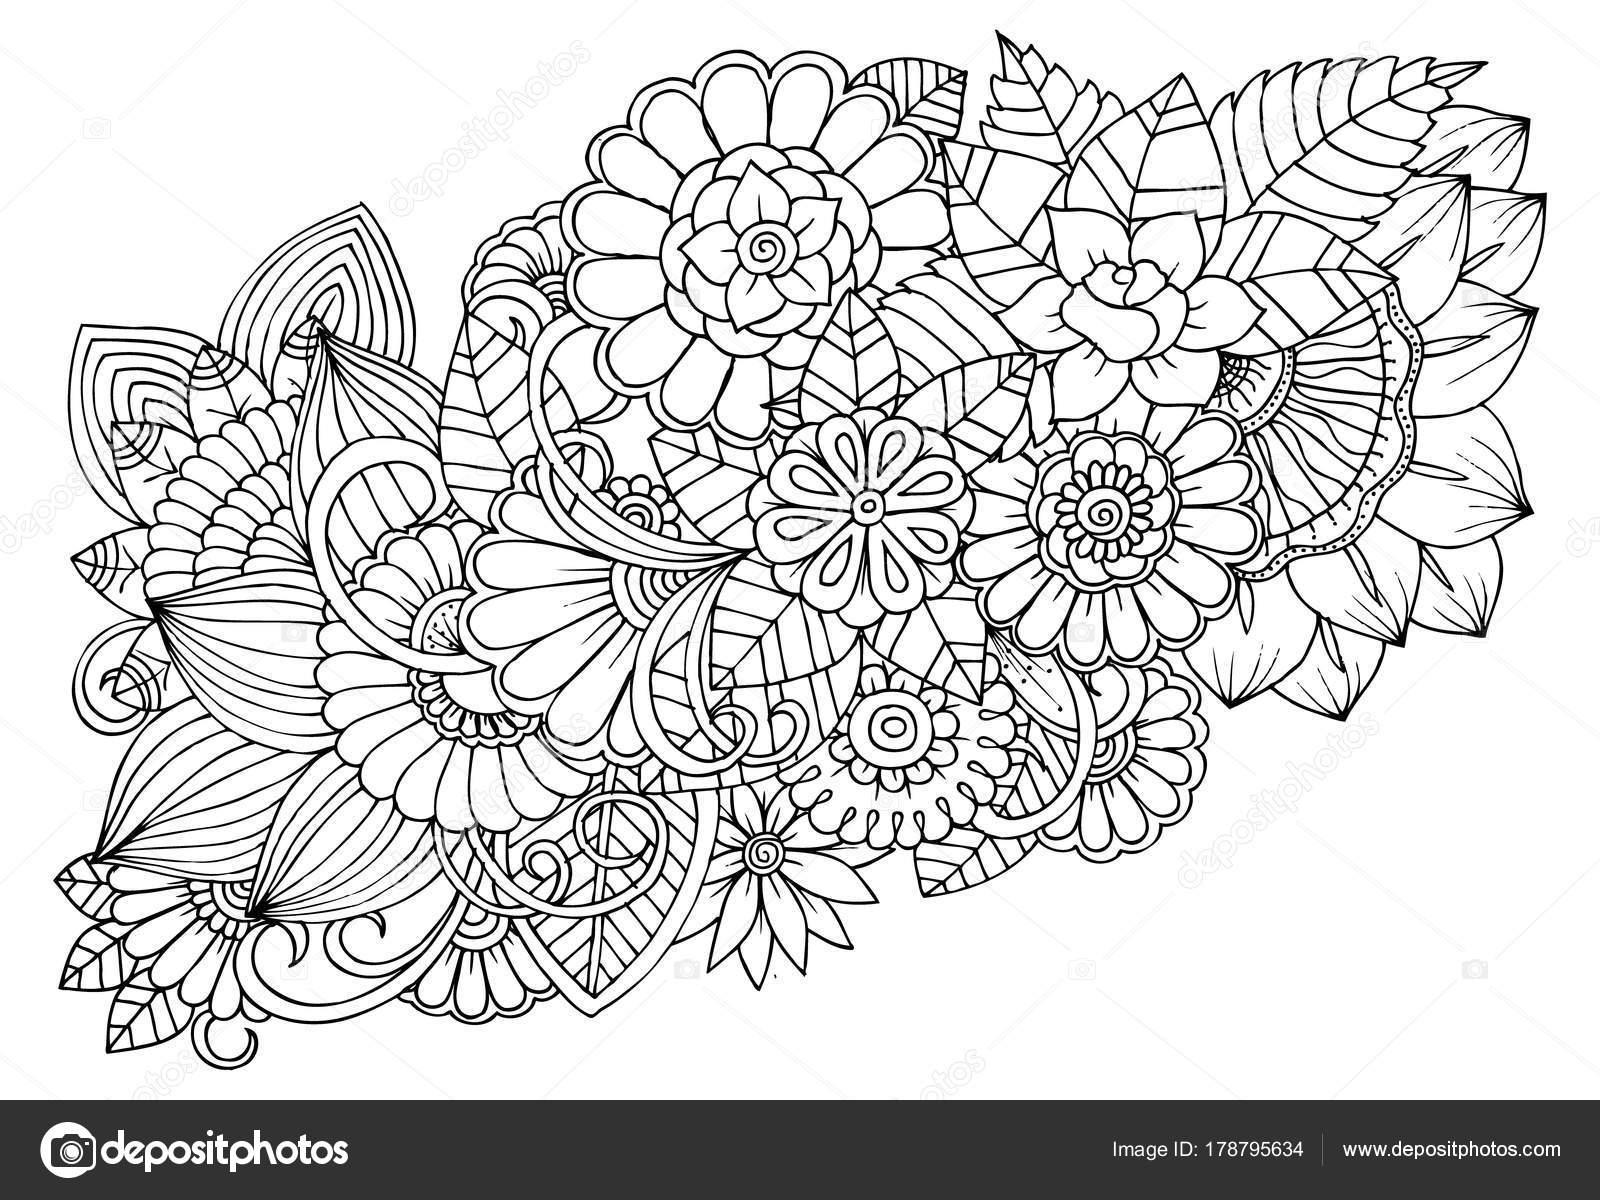 Imagenes De Flores Para Colorear Bonitas: Blanco Y Negro Patrón De Flores Para Colorear